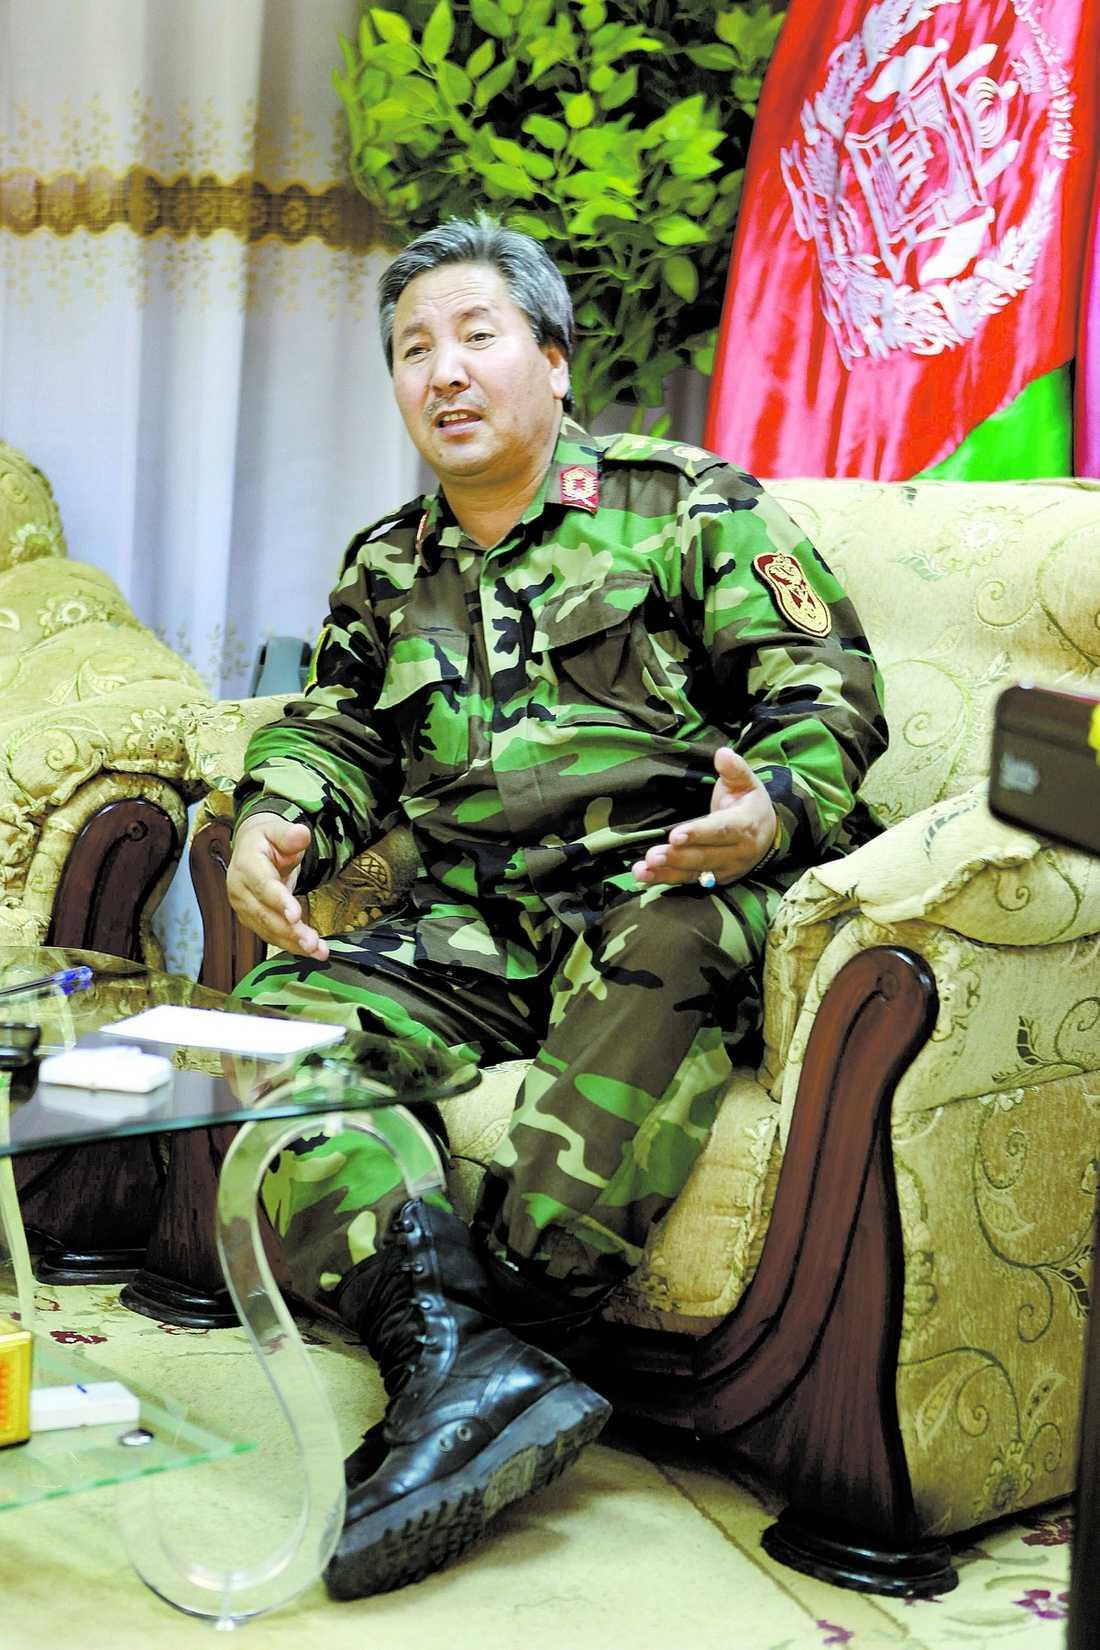 Hyllar svenskarna Afghanske generalen Murad Ali Murad får hjälp av den svenska militären. Och han är mycket nöjd.